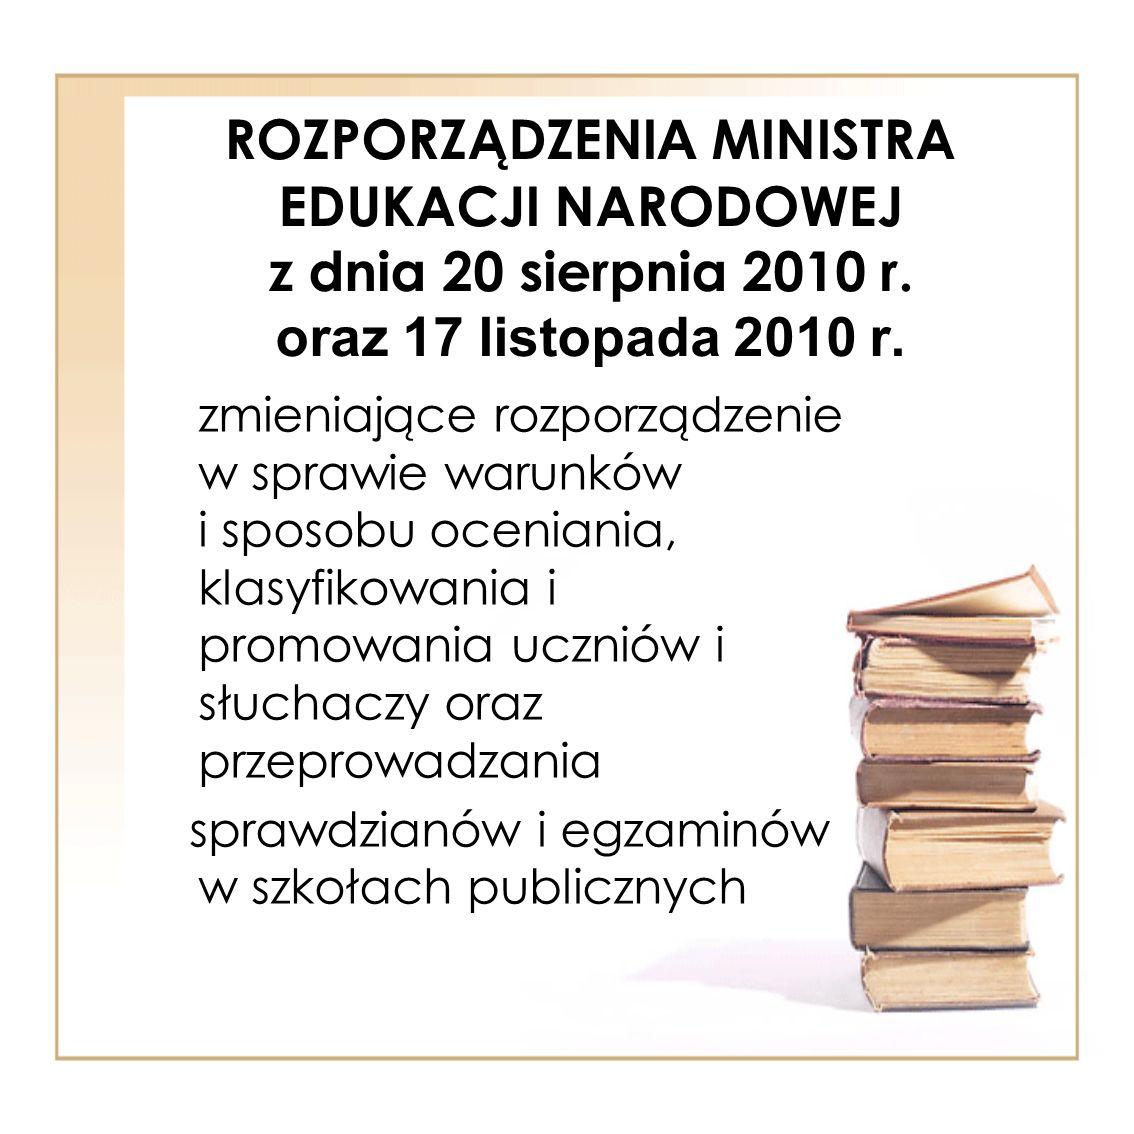 ROZPORZĄDZENI A MINISTRA EDUKACJI NARODOWEJ z dnia 20 sierpnia 2010 r. oraz 17 listopada 2010 r. zmieniające rozporządzenie w sprawie warunków i sposo